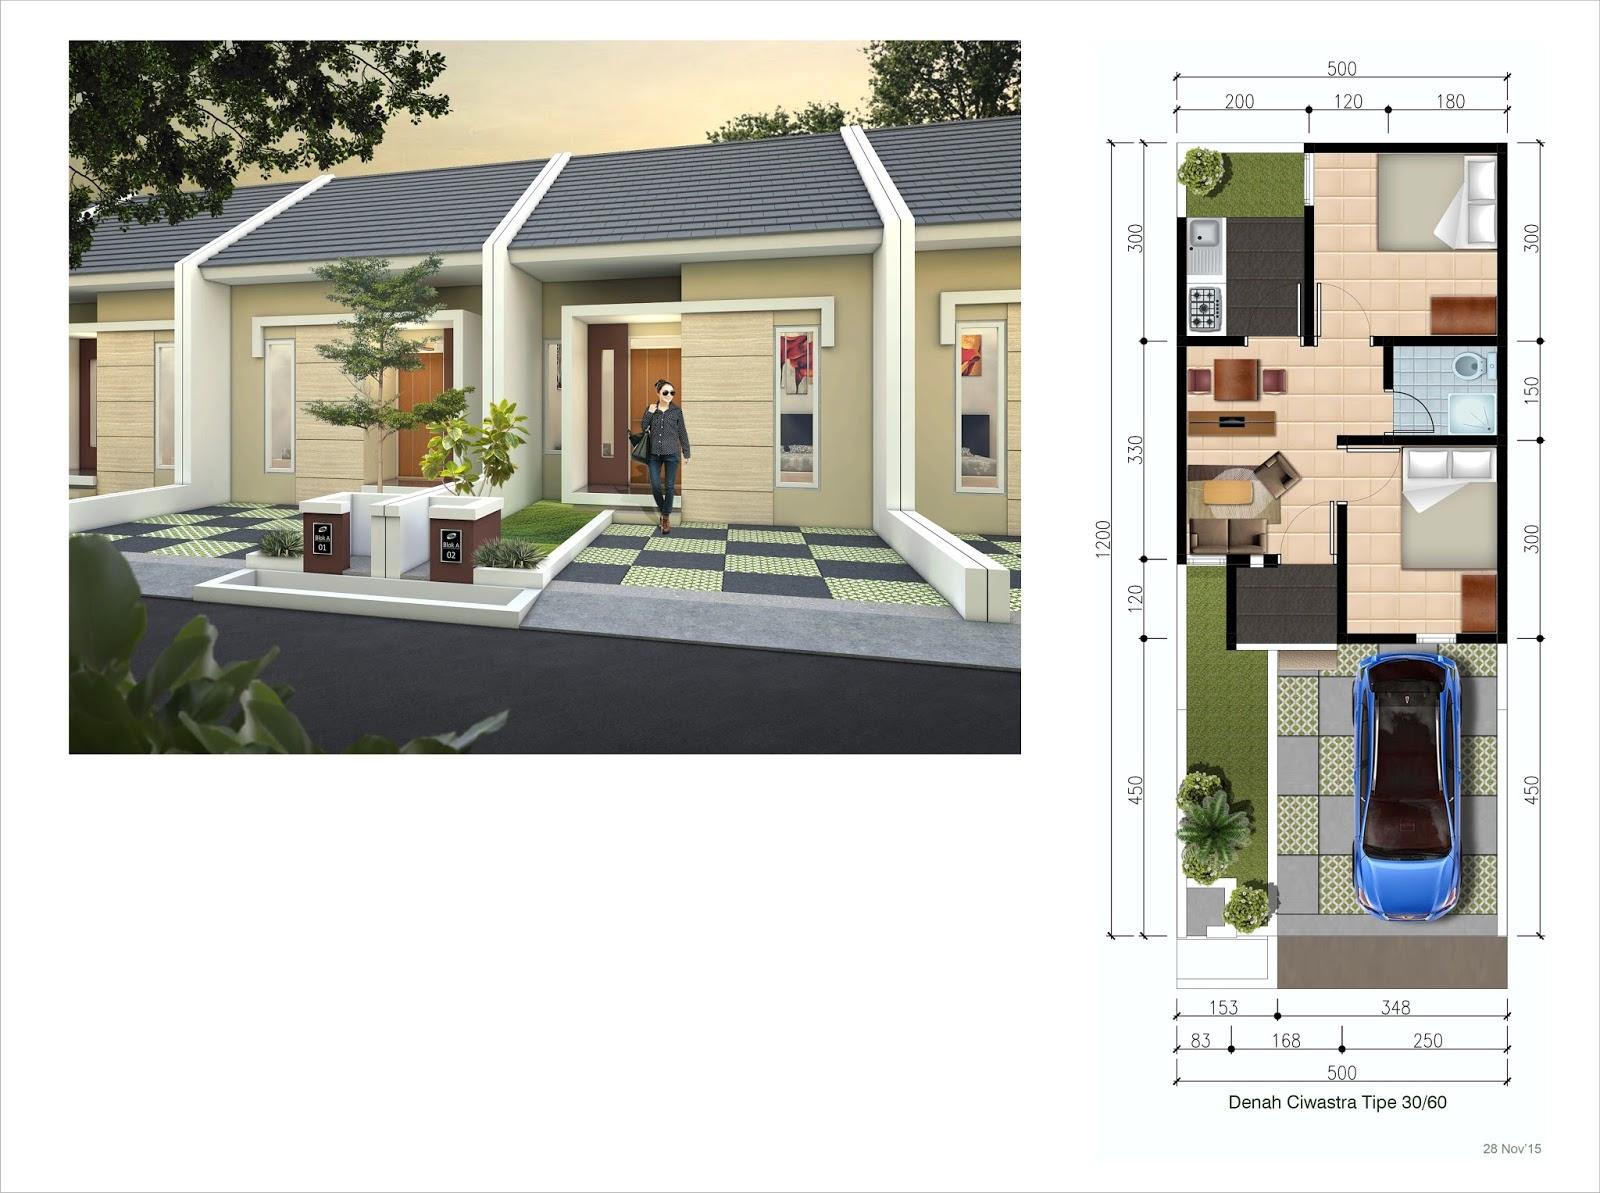 Gambar Desain Rumah Type 30 60 Rumah Desain Rumah Denah Rumah